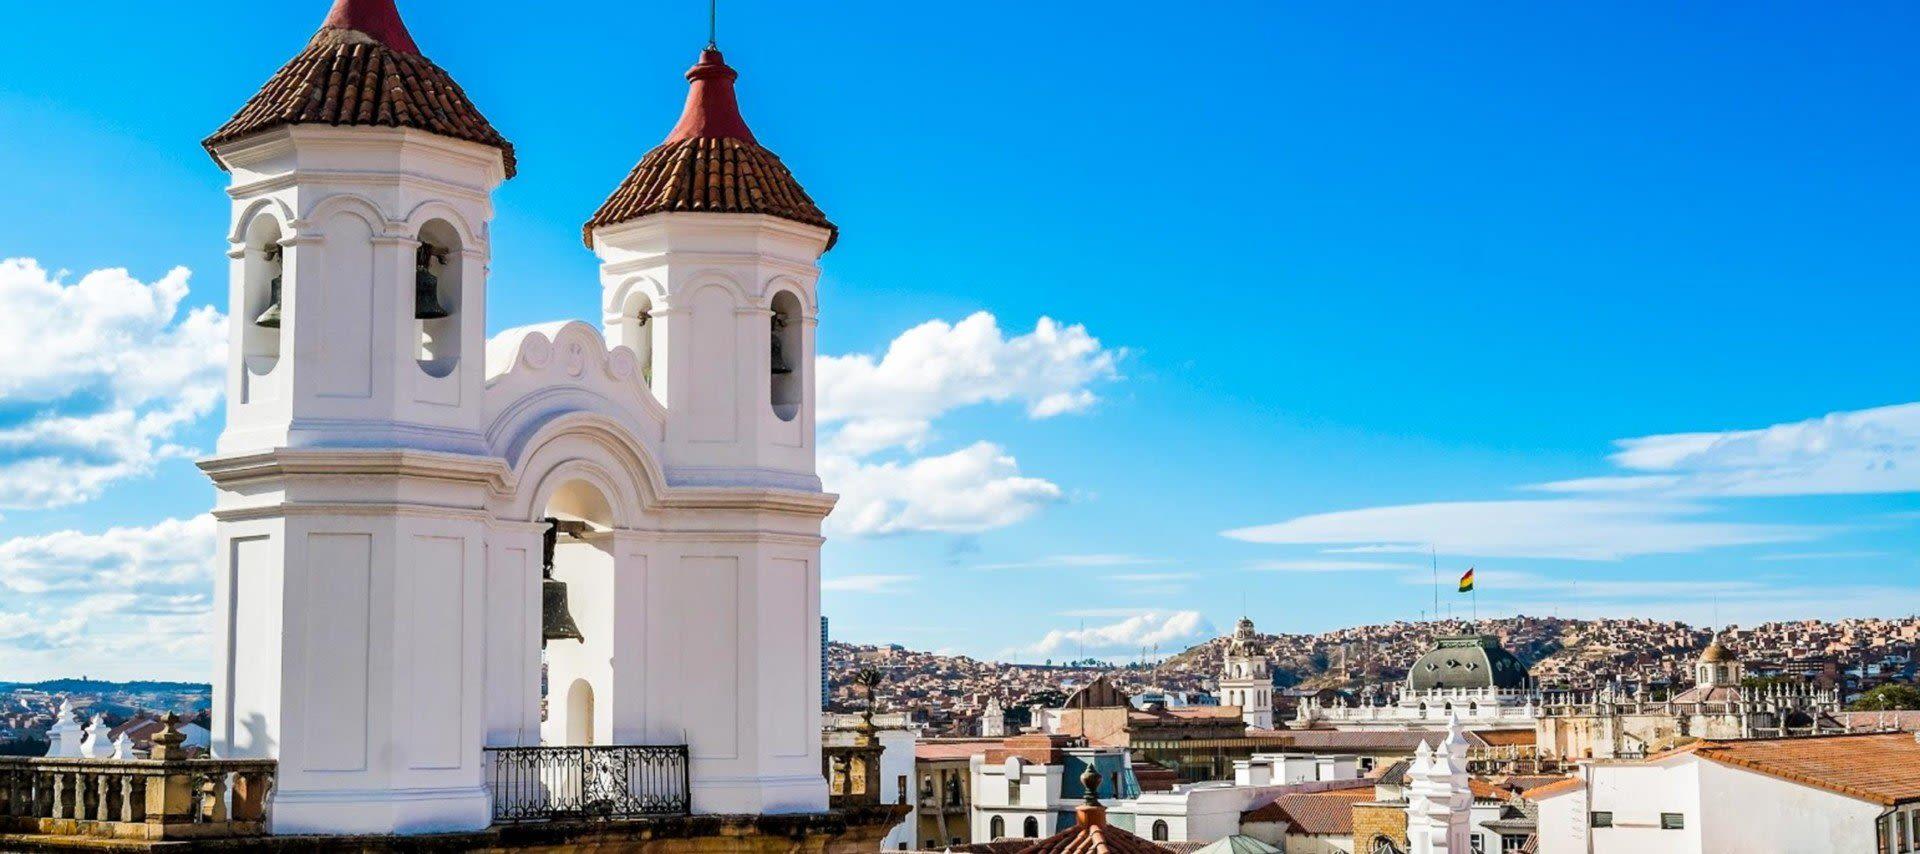 La Merced church in Sucre, Bolivia